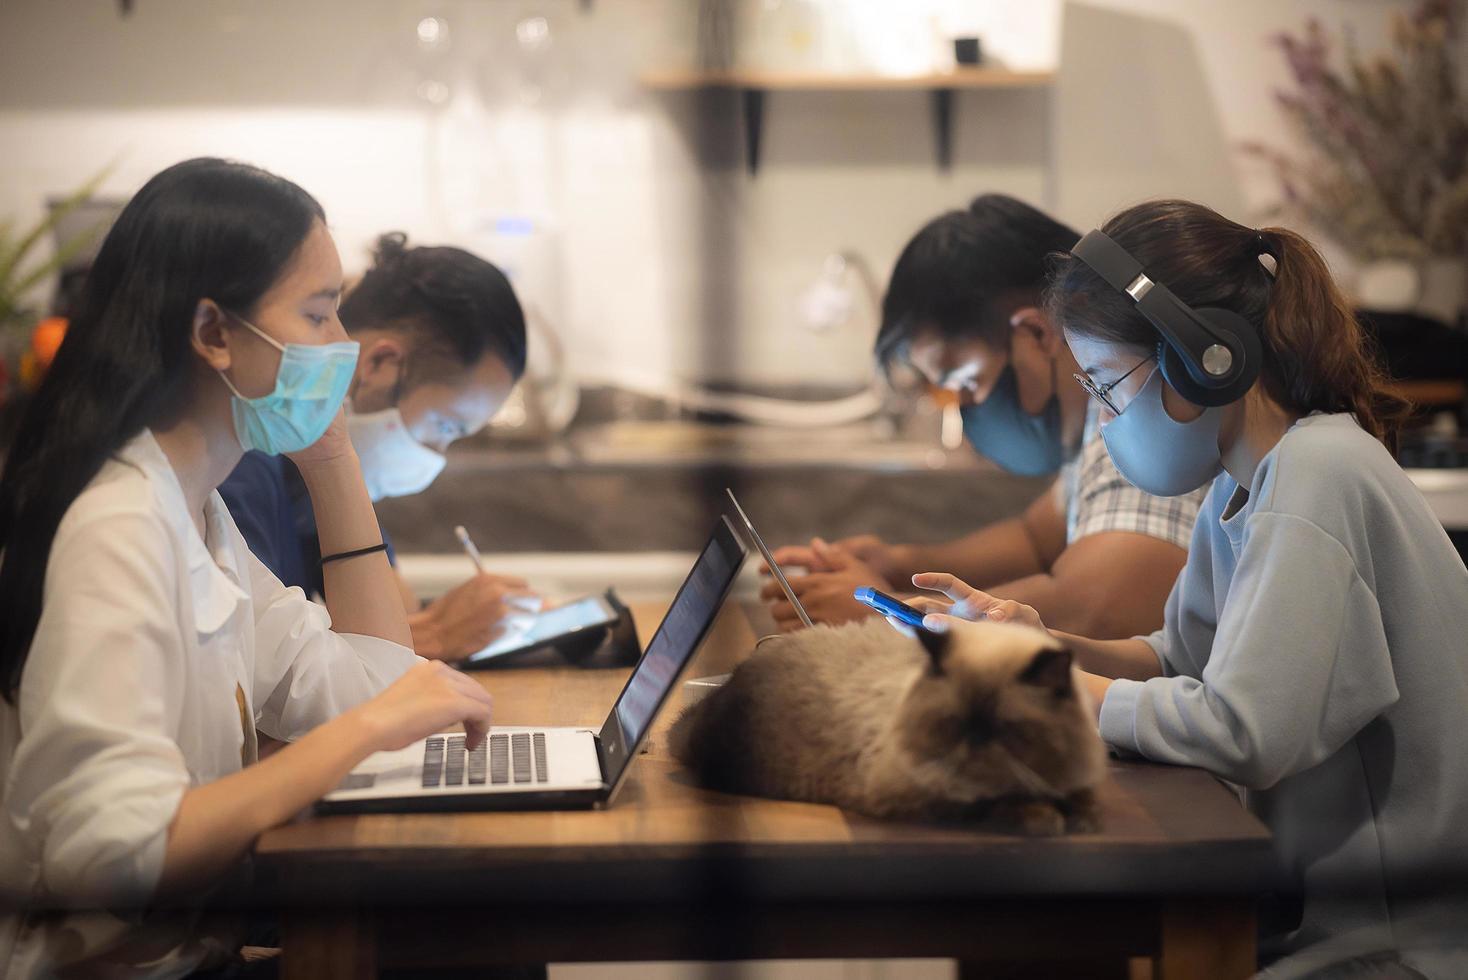 creatief werkersteam dat gezichtsmaskers draagt foto